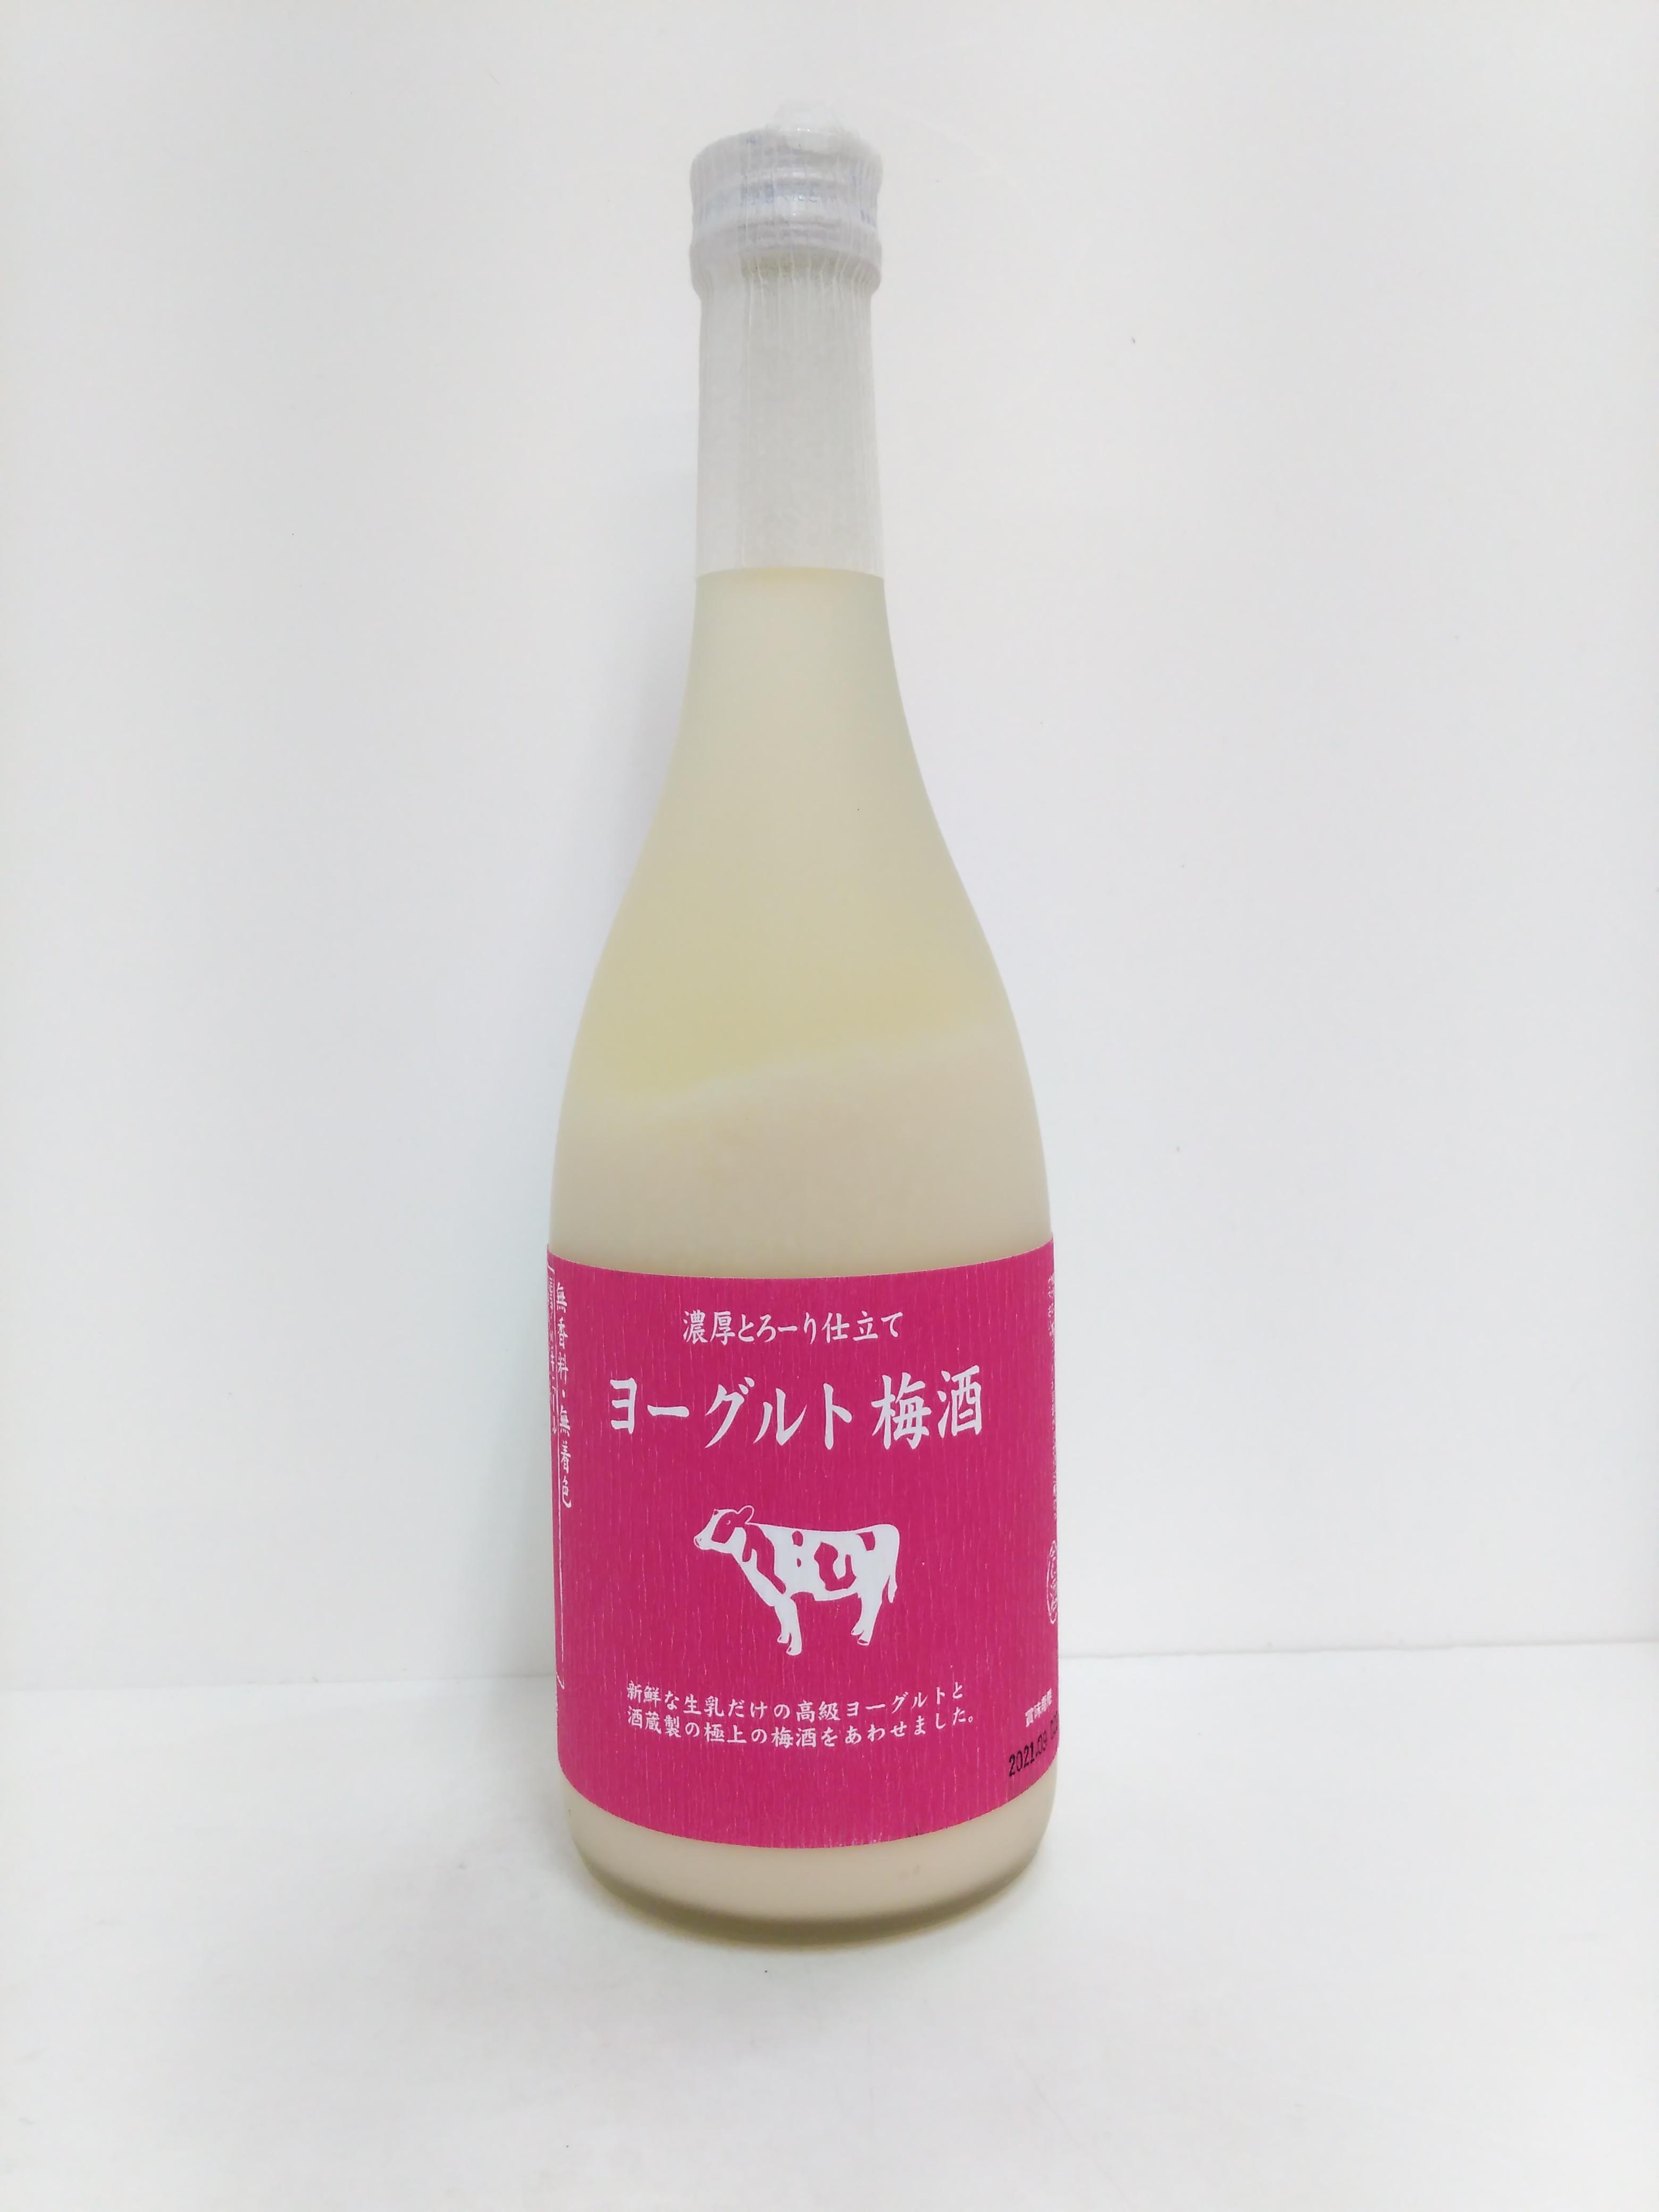 杉能舎 ヨーグルト梅酒 720ml